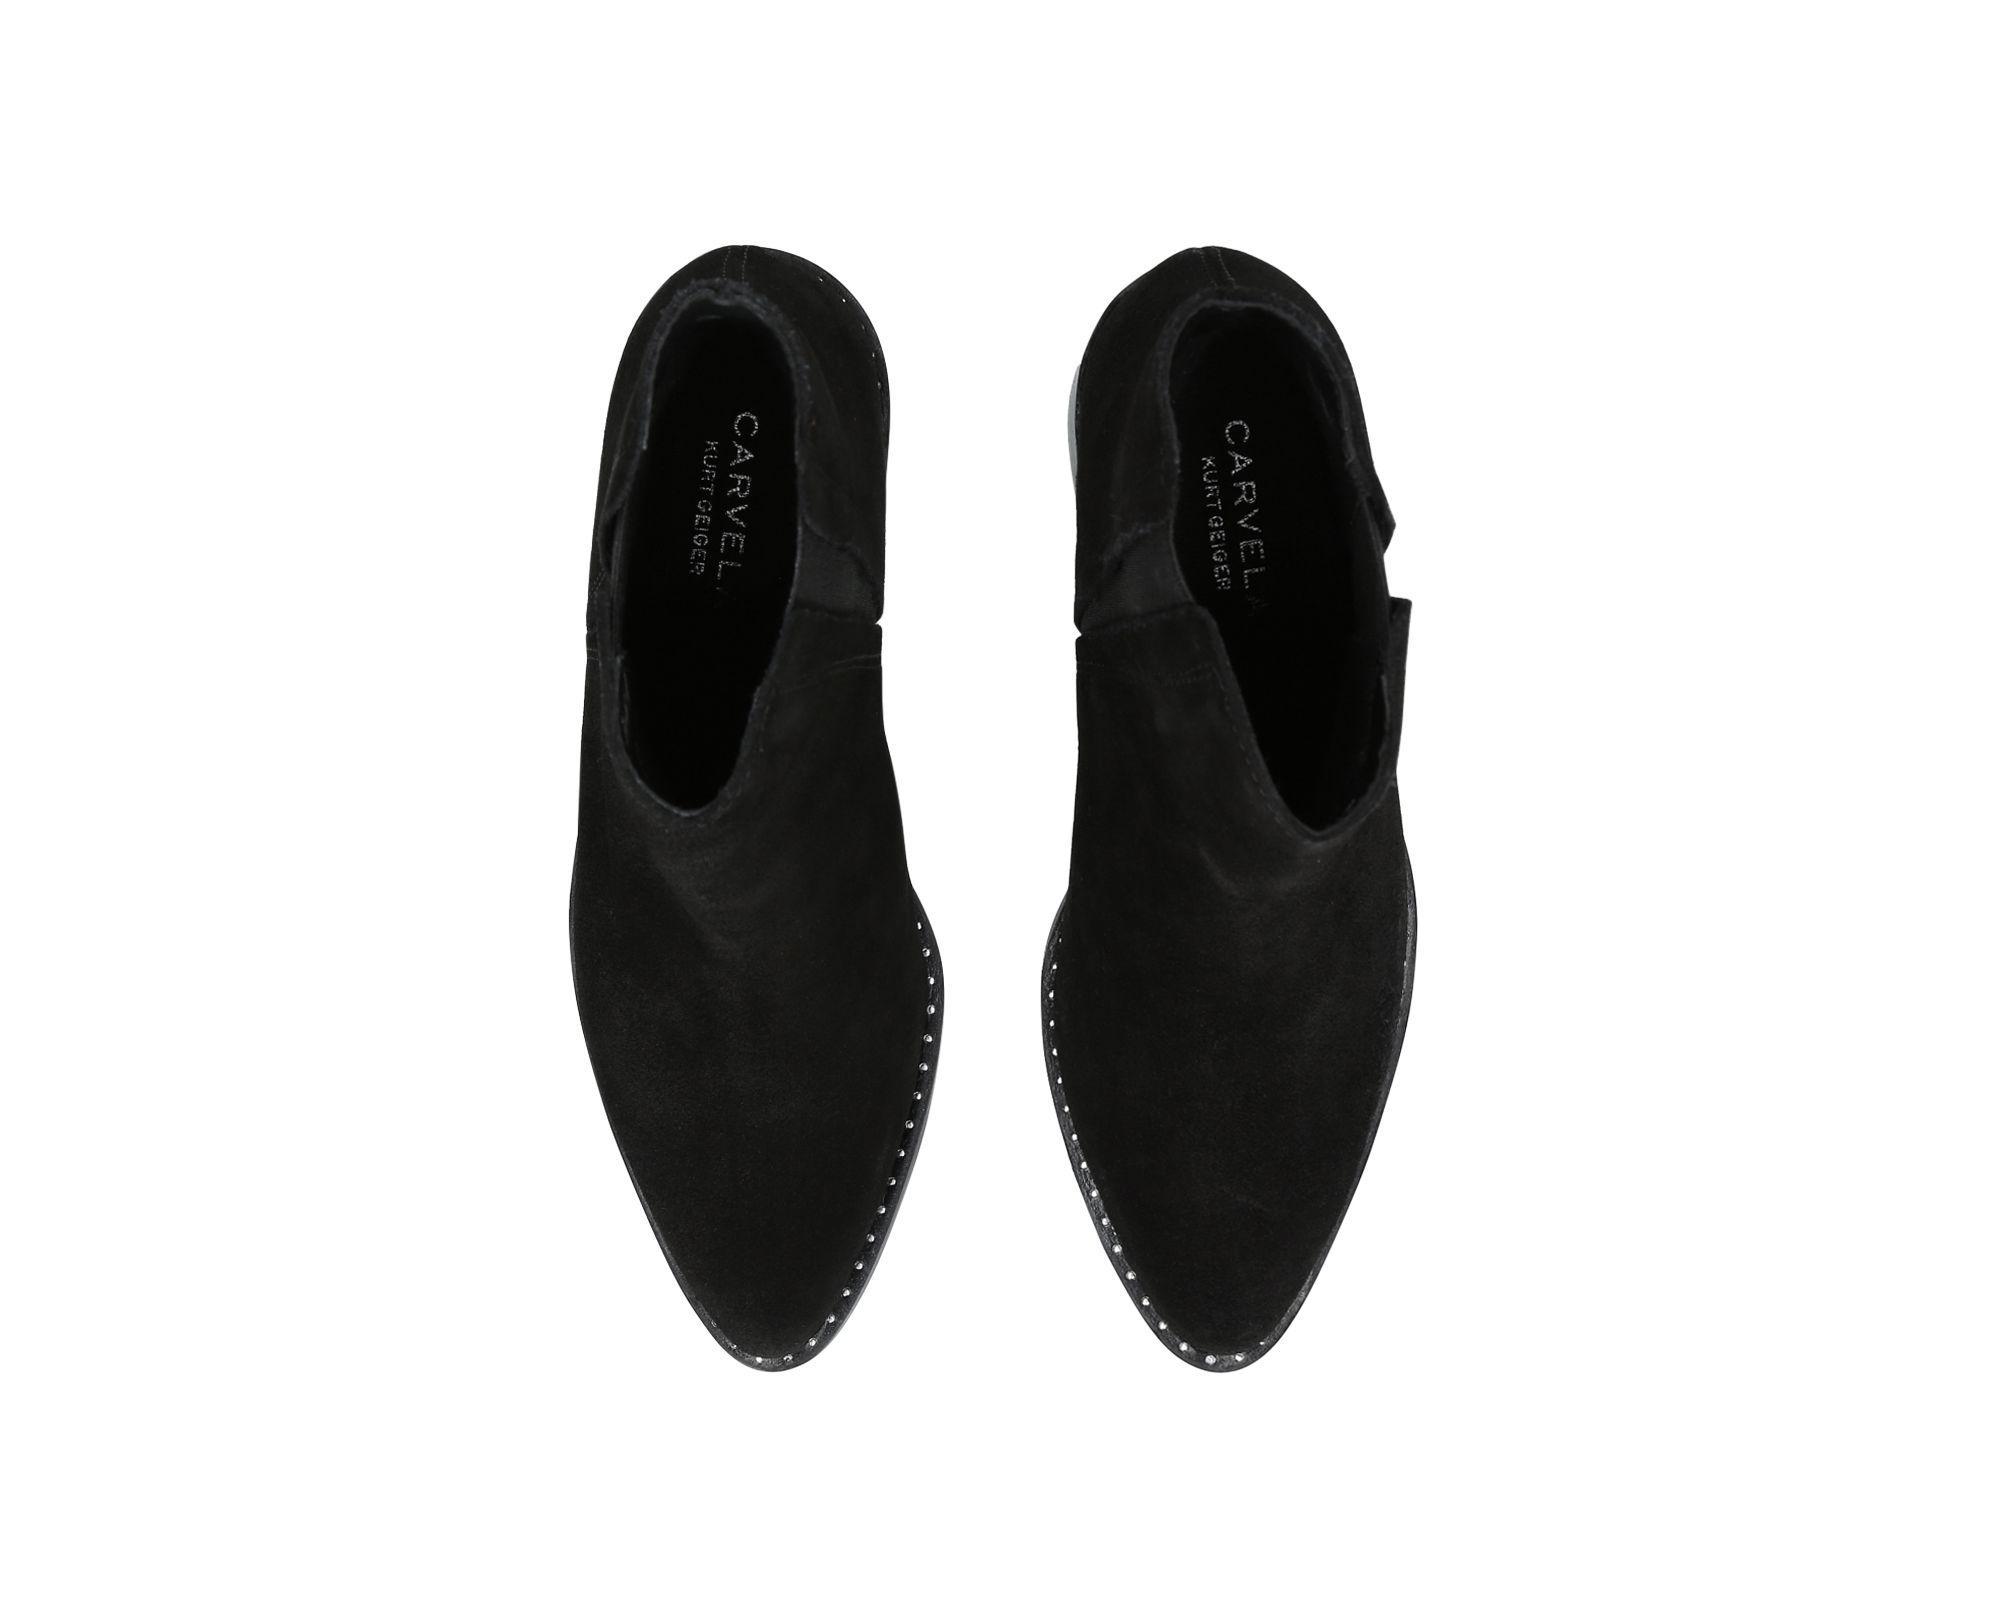 Carvela Kurt Geiger Suede 'steve' Ankle Boots in Black